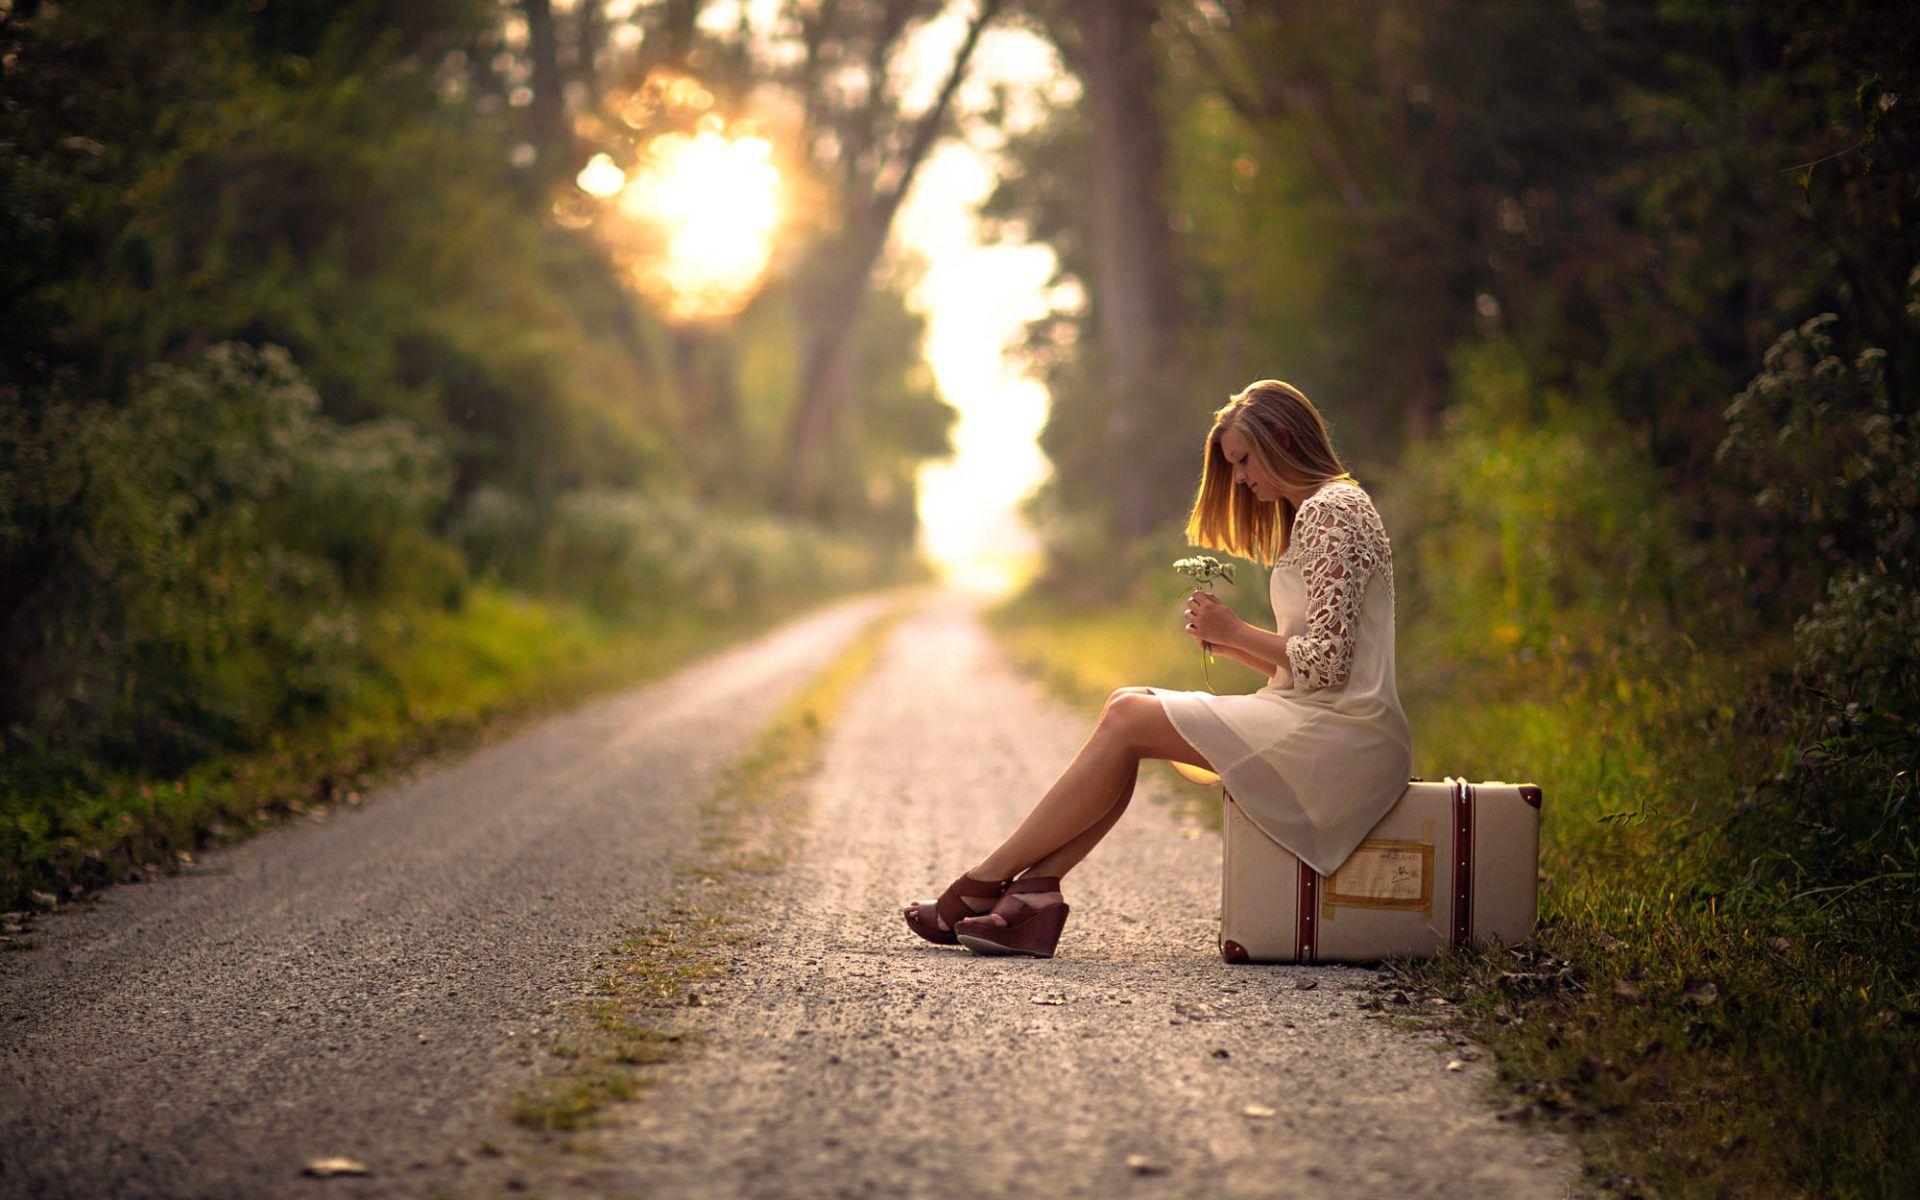 Hình ảnh cô gái buồn cô đơn